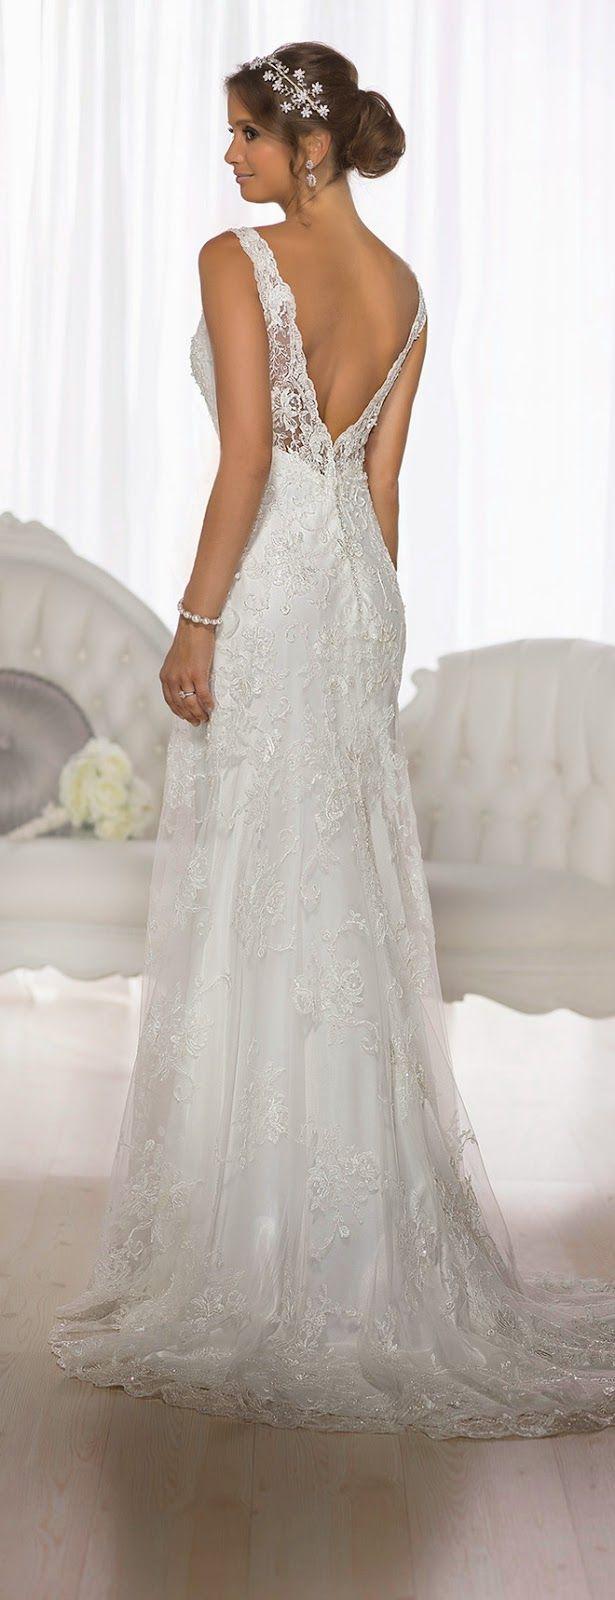 35 best Brautkleider images on Pinterest | Hochzeitskleider ...